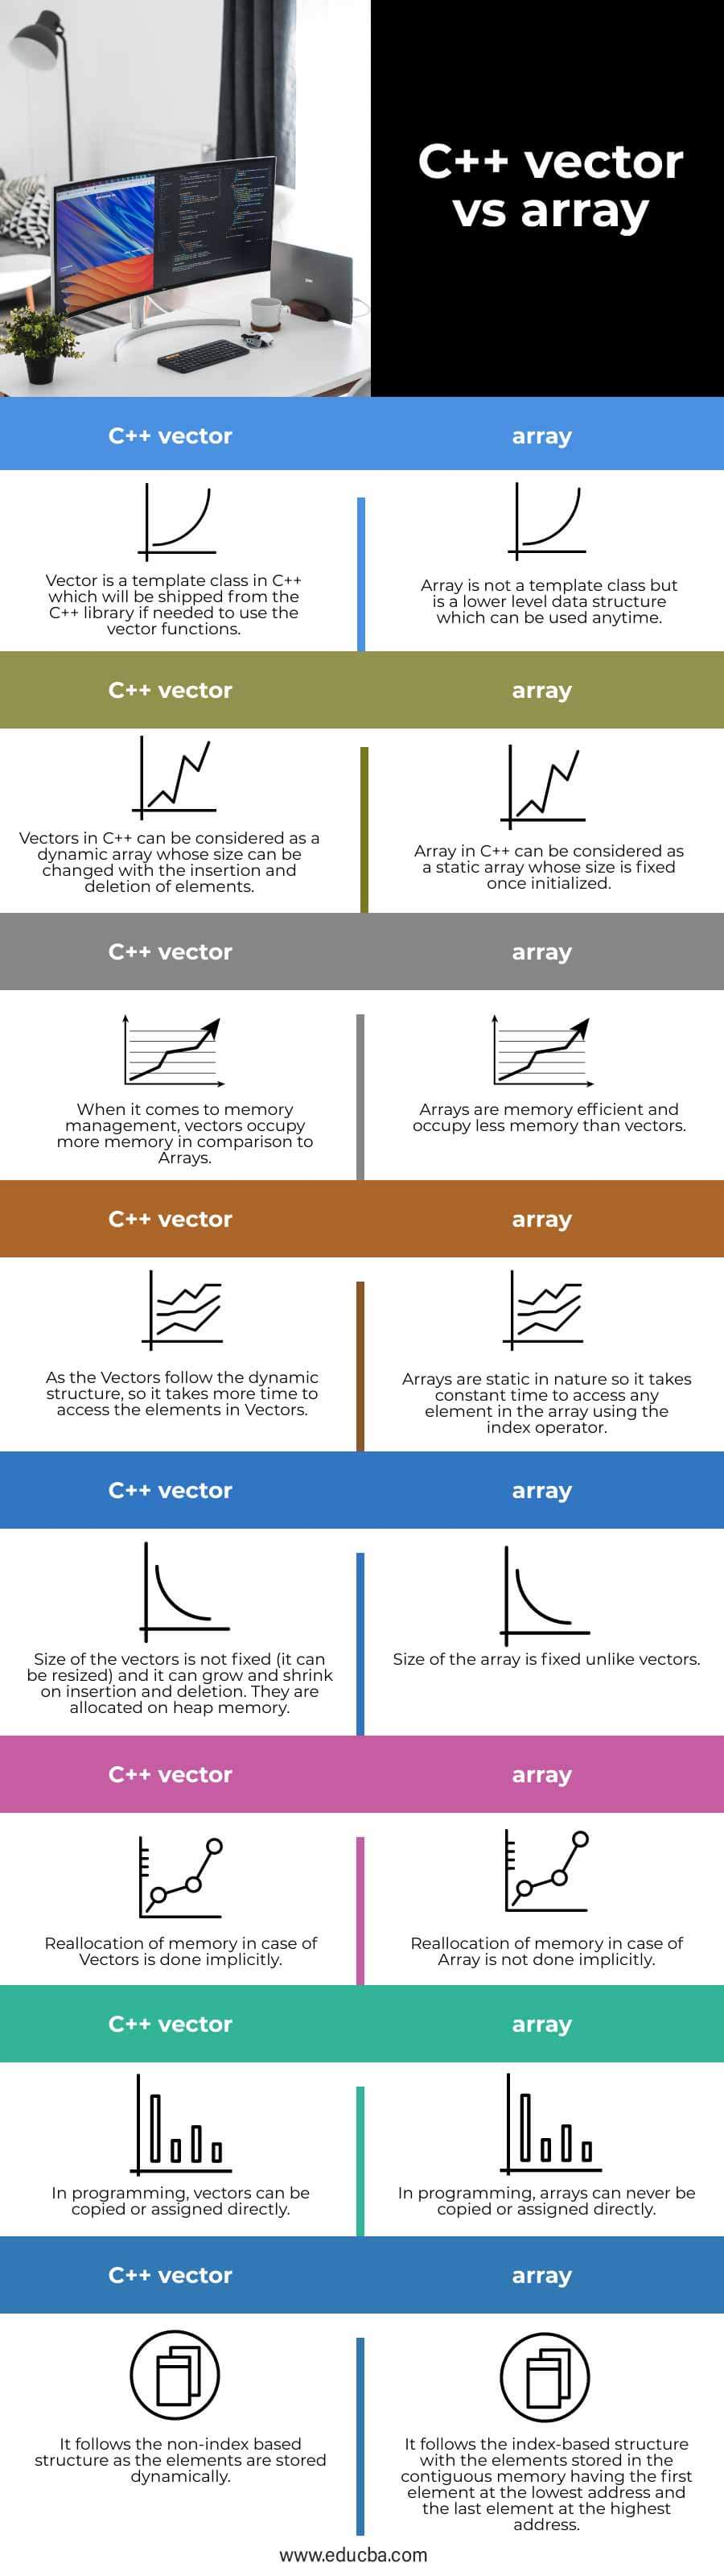 C++-vector-vs-array-info